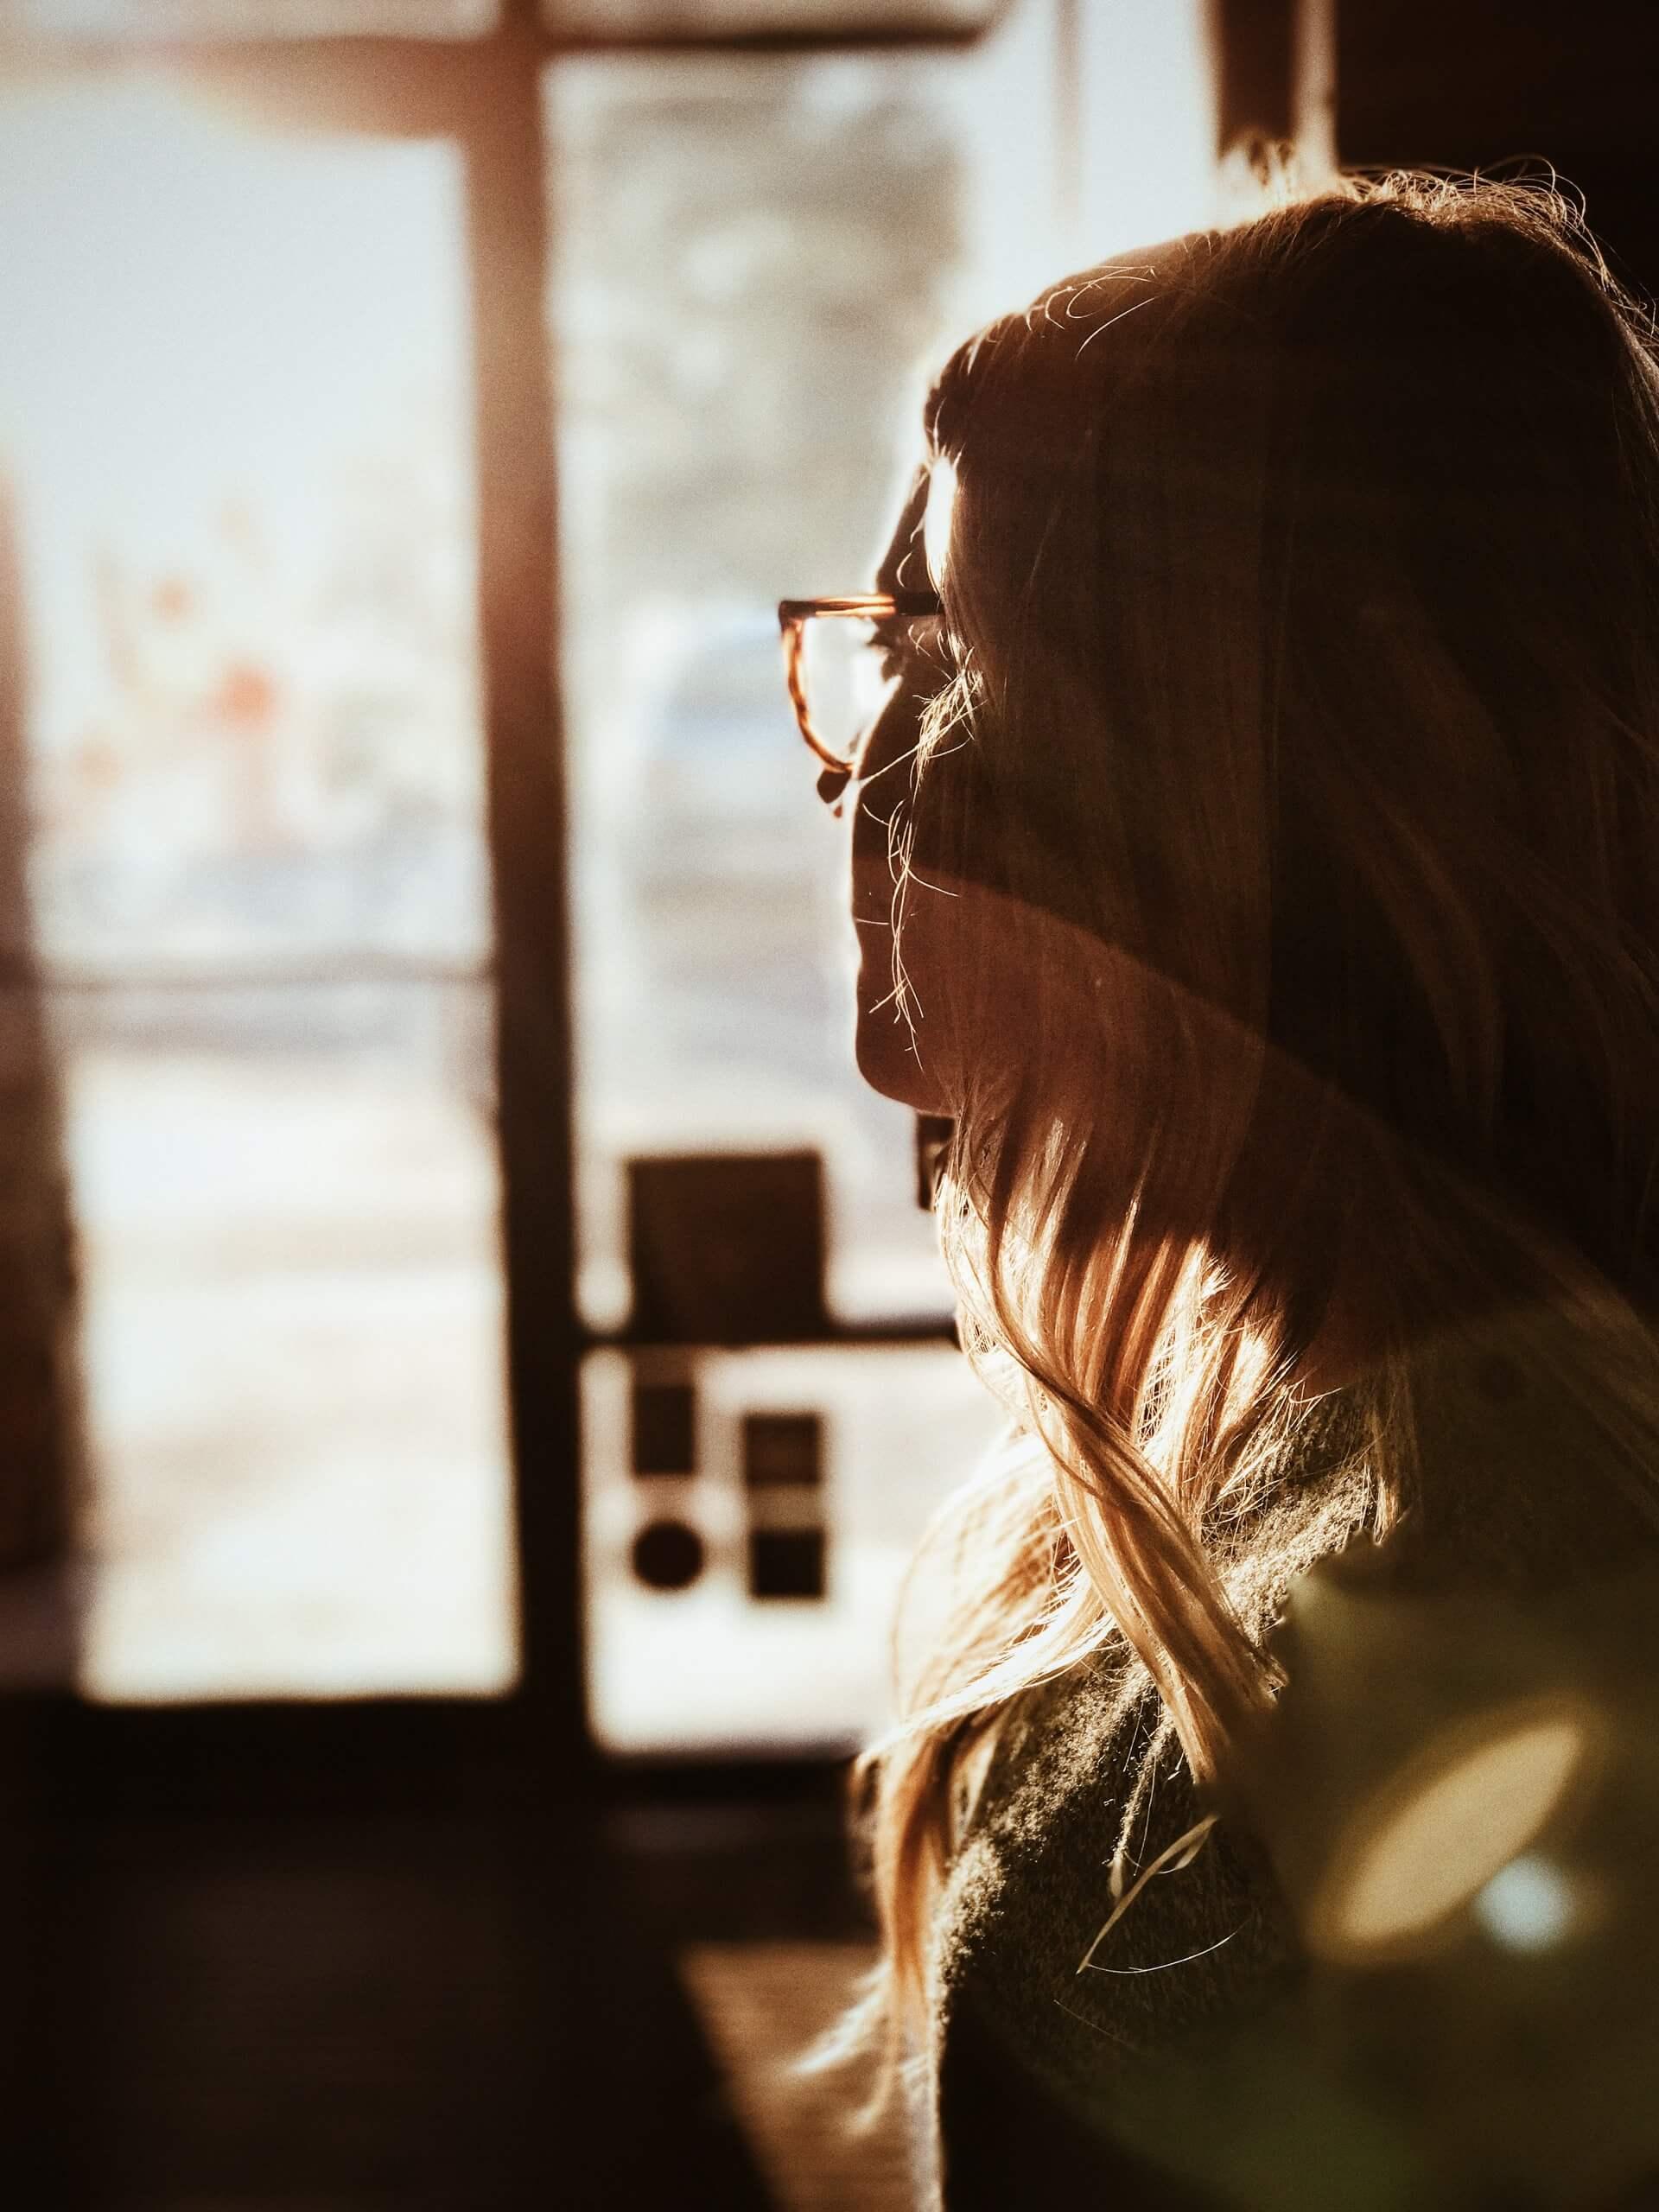 femme regardant en direction de la fenêtre